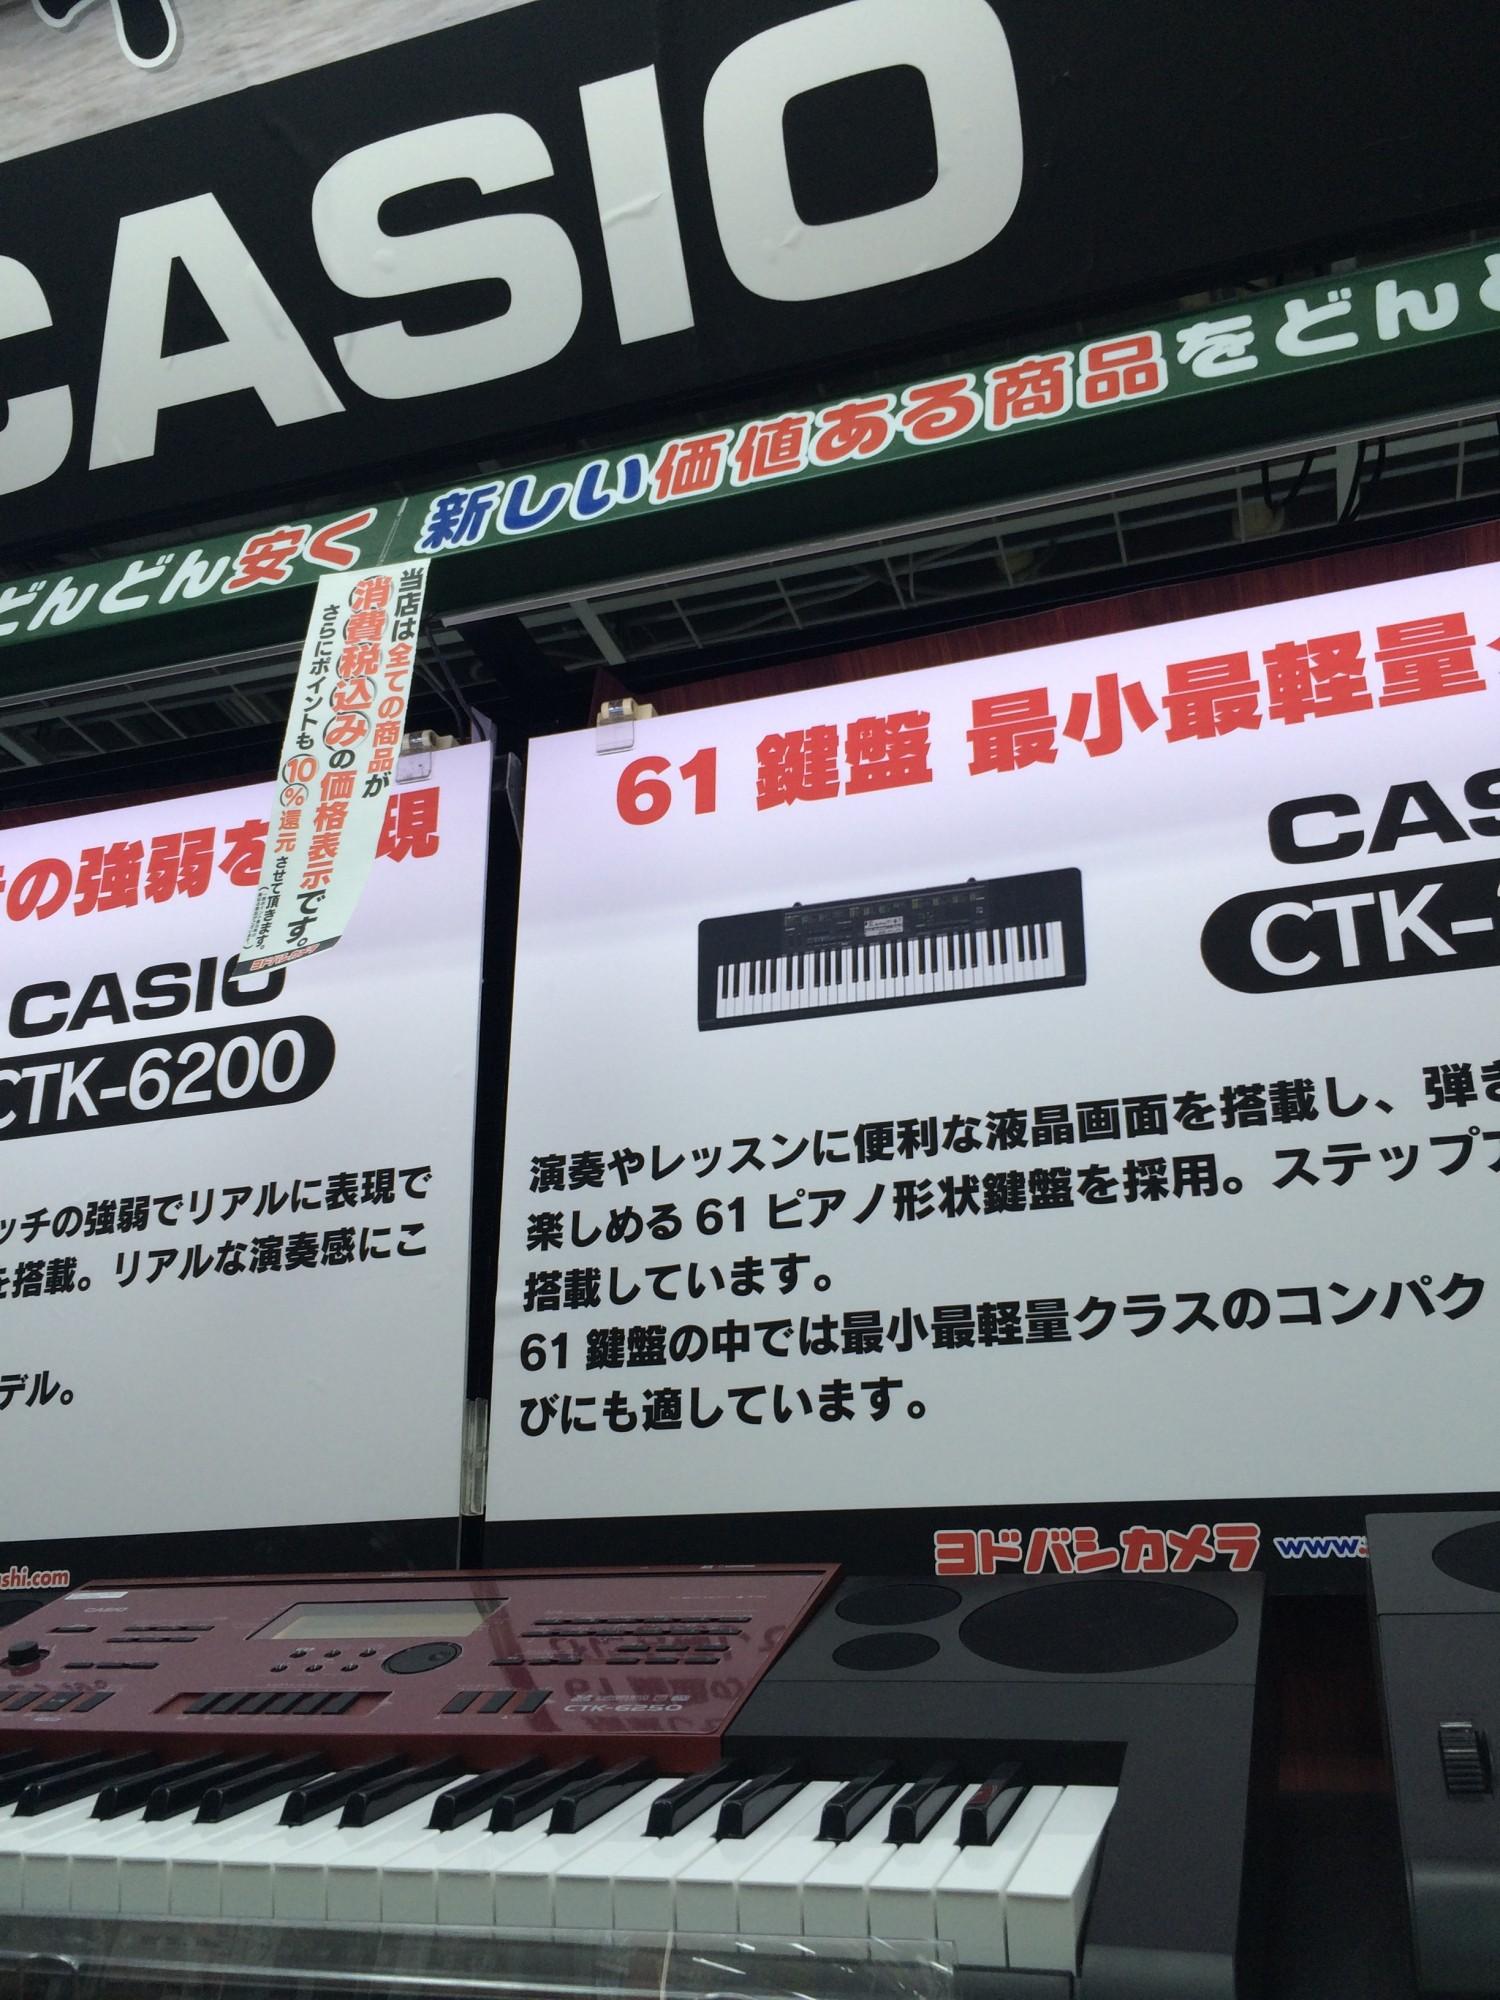 カシオ電子ピアノCTK-6250を購入